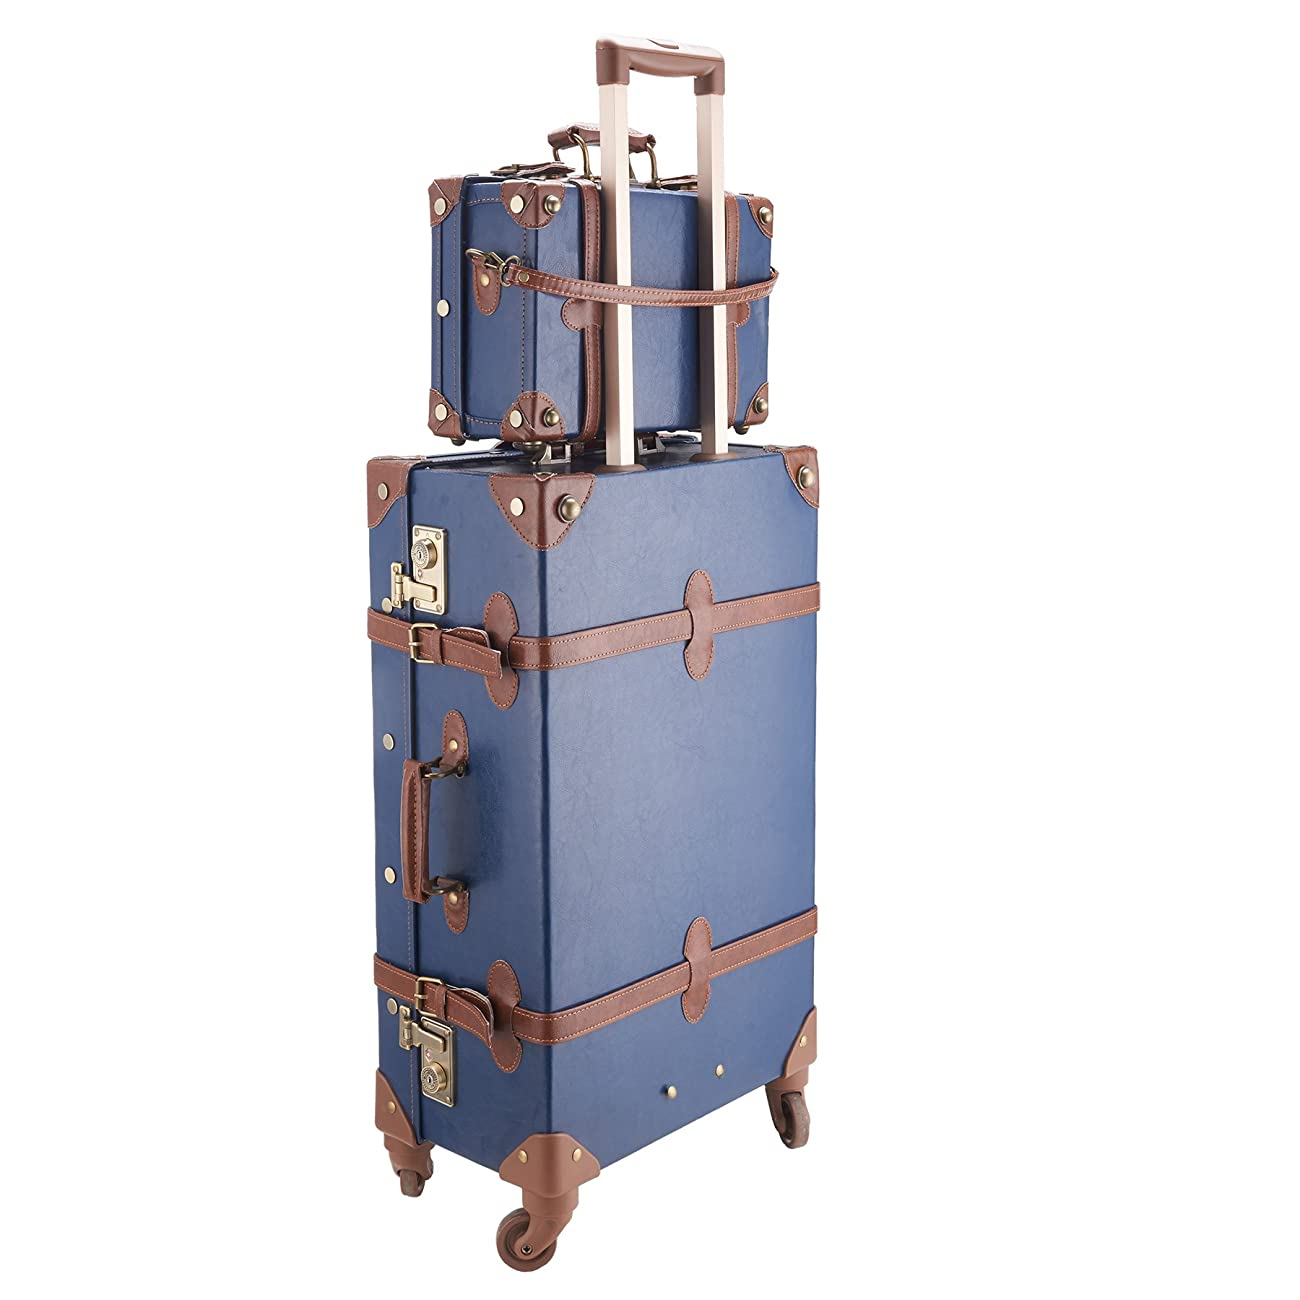 CO-Z Premium Vintage Luggage Set 24